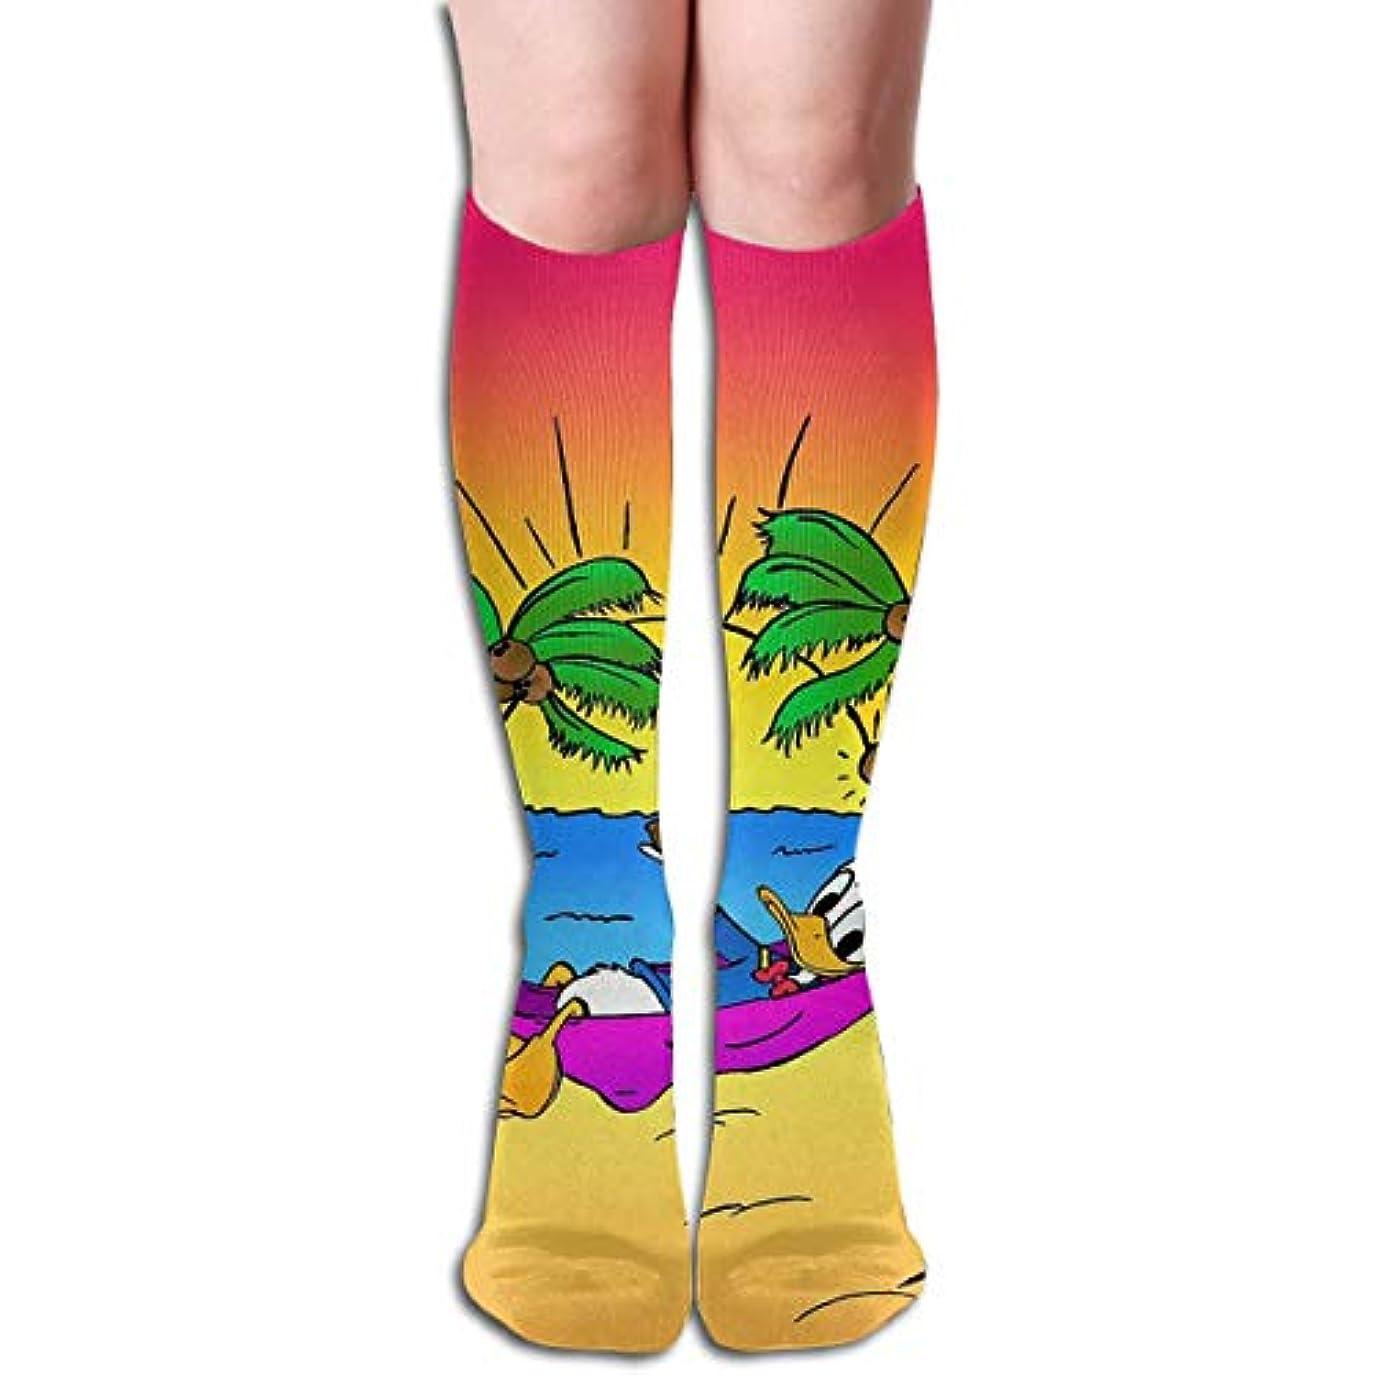 細い輸血優遇qrriyドナルドダックビーチタイムチューブストッキングレディース冬暖かい暖かいハイソックスブーツ靴下